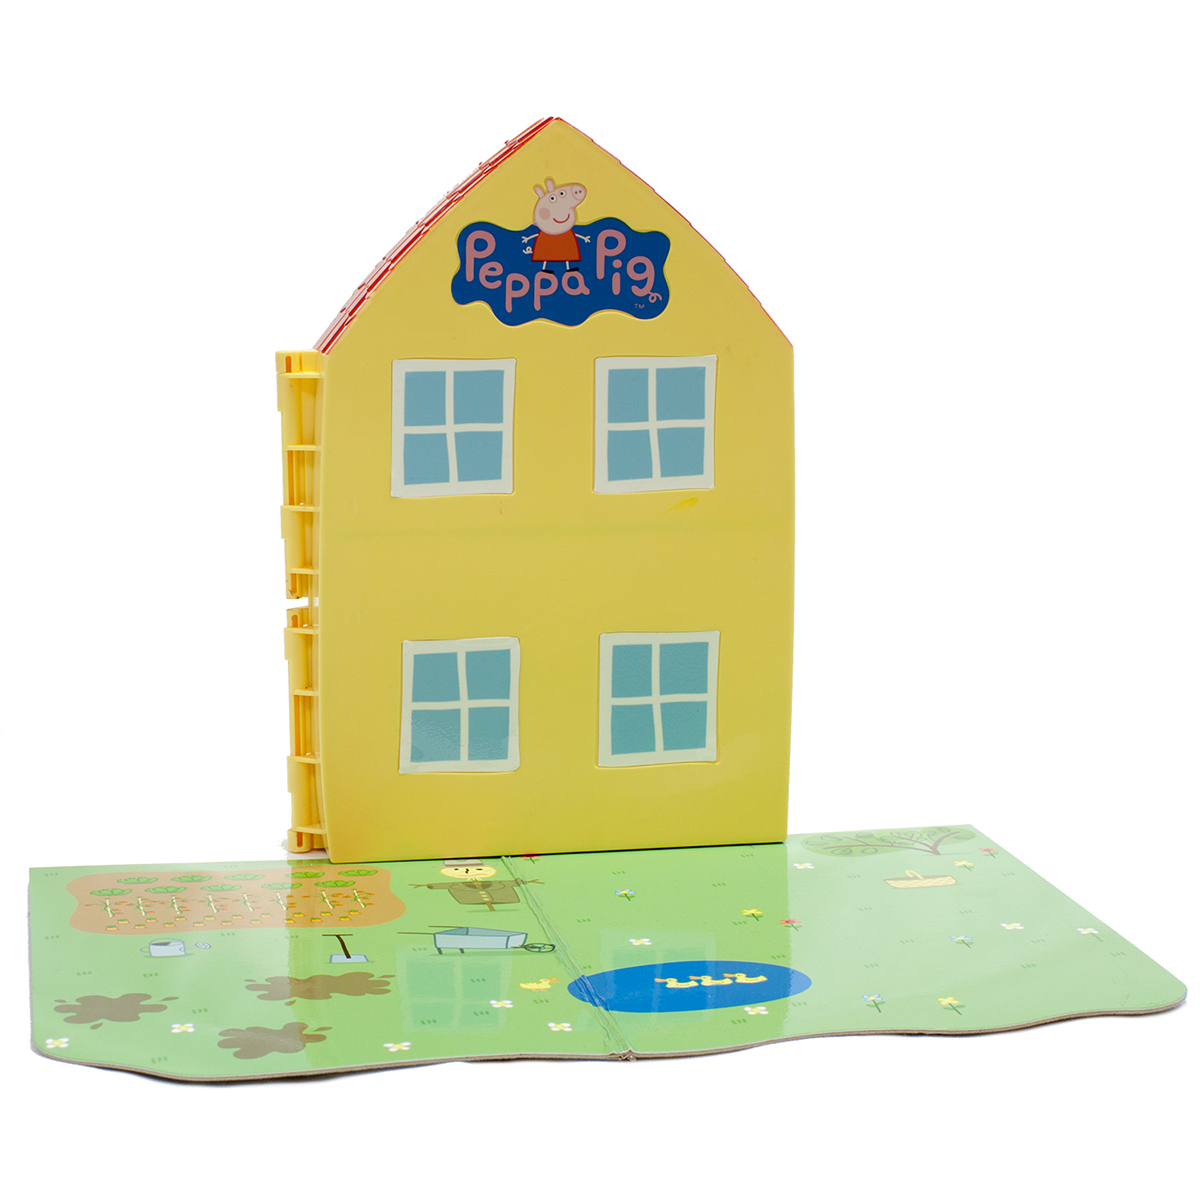 Фото - Игровой набор Peppa Pig Домик свинки Пеппы, 16 предметов домик у пруда